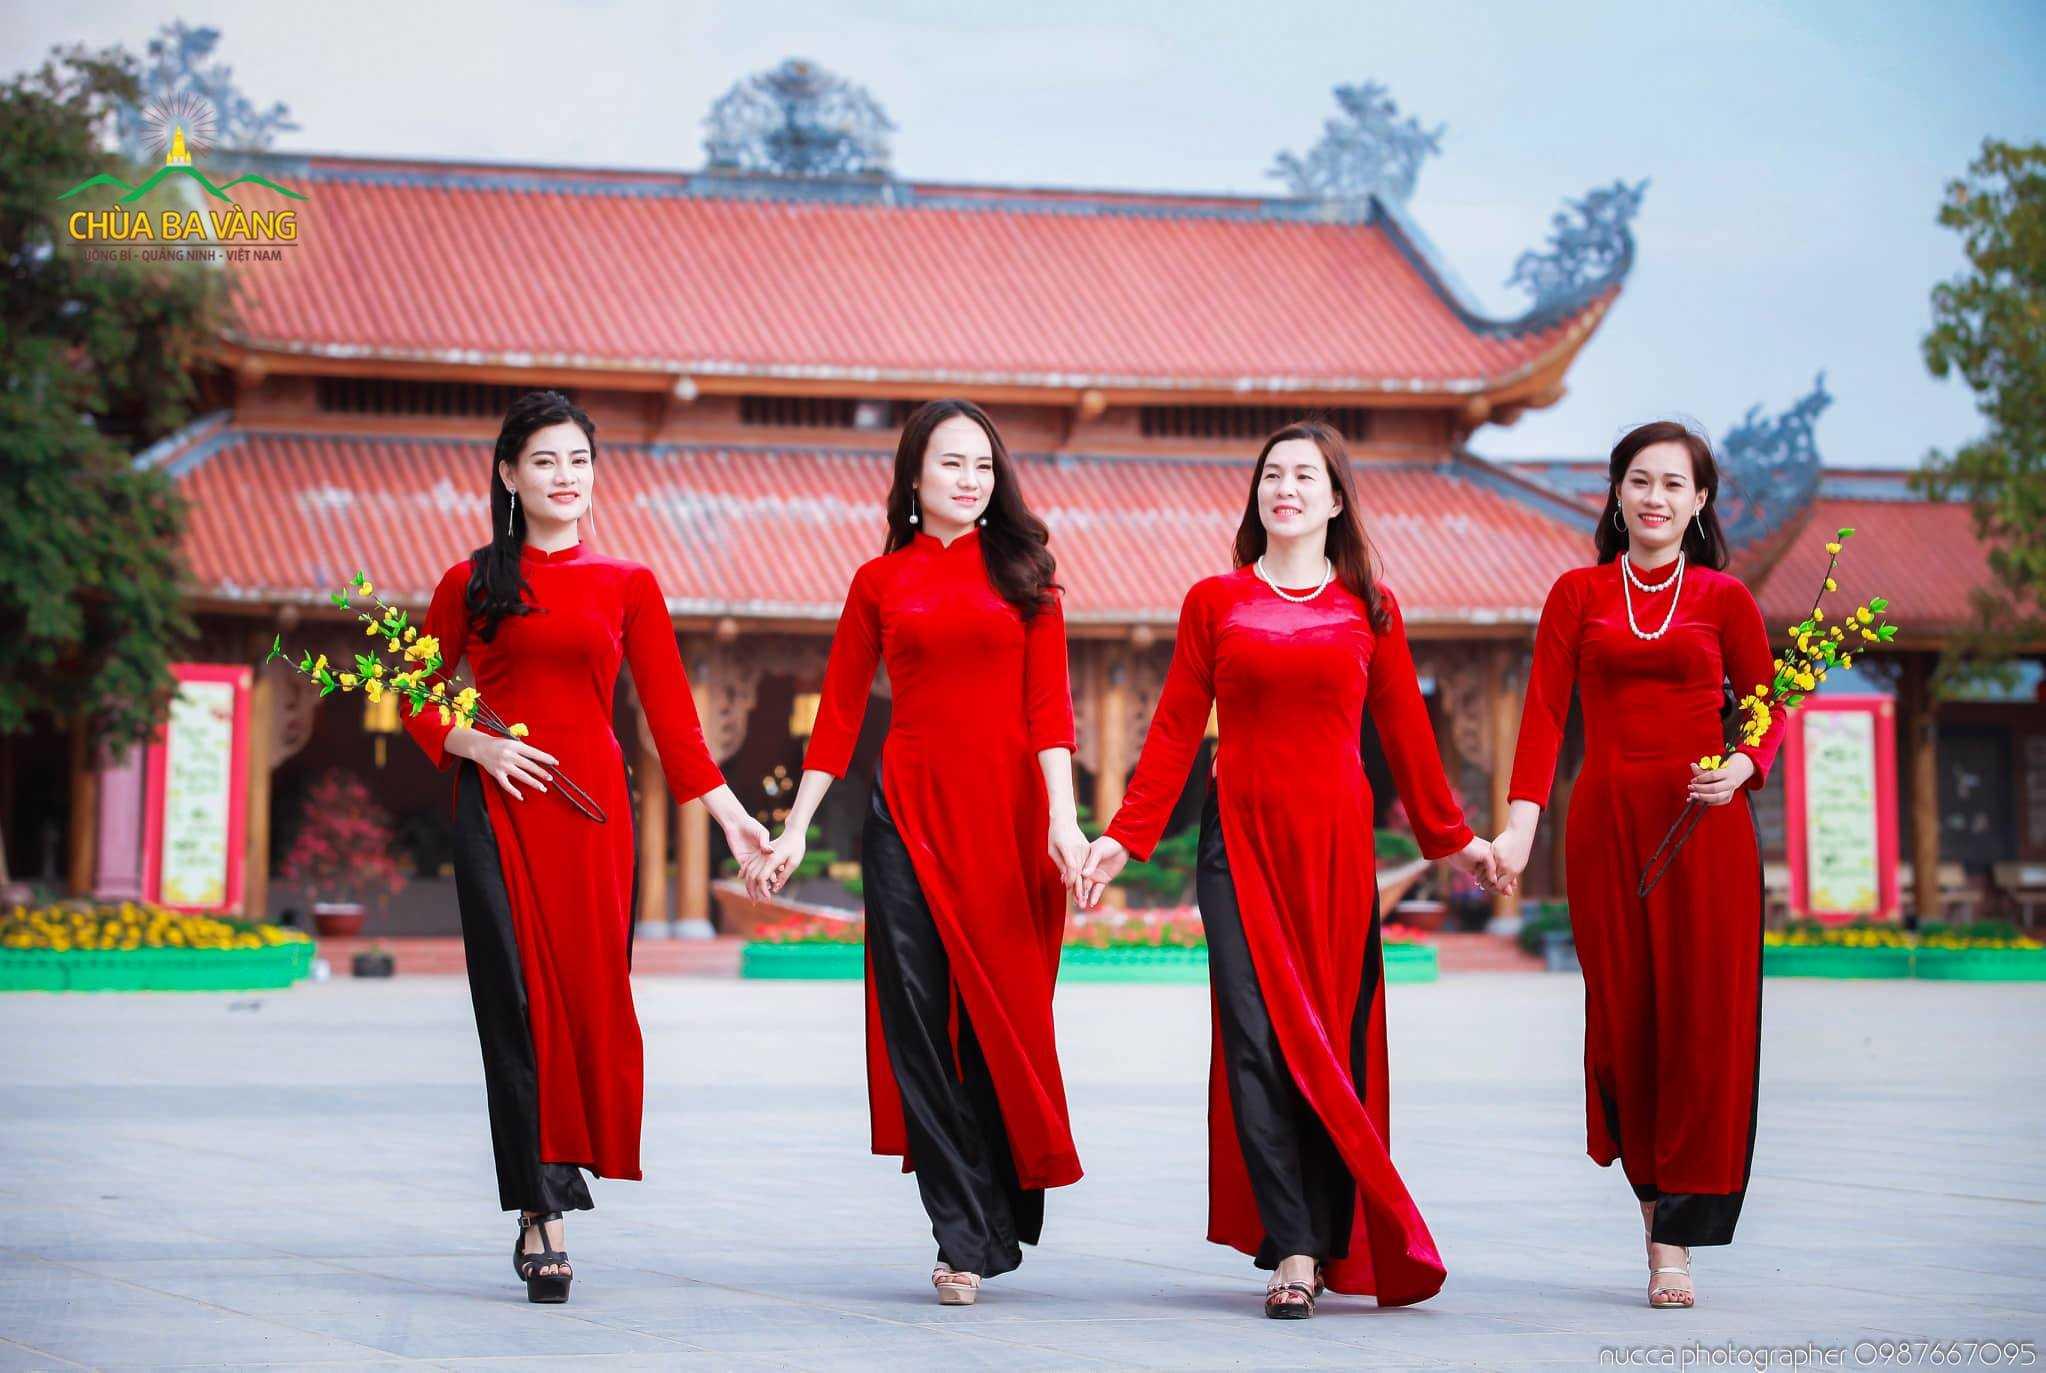 Vào dịp lễ Tết rất nhiều các chị em phụ nữ về chùa để tham quan vãn cảnh với sắc xuân Ba Vàng